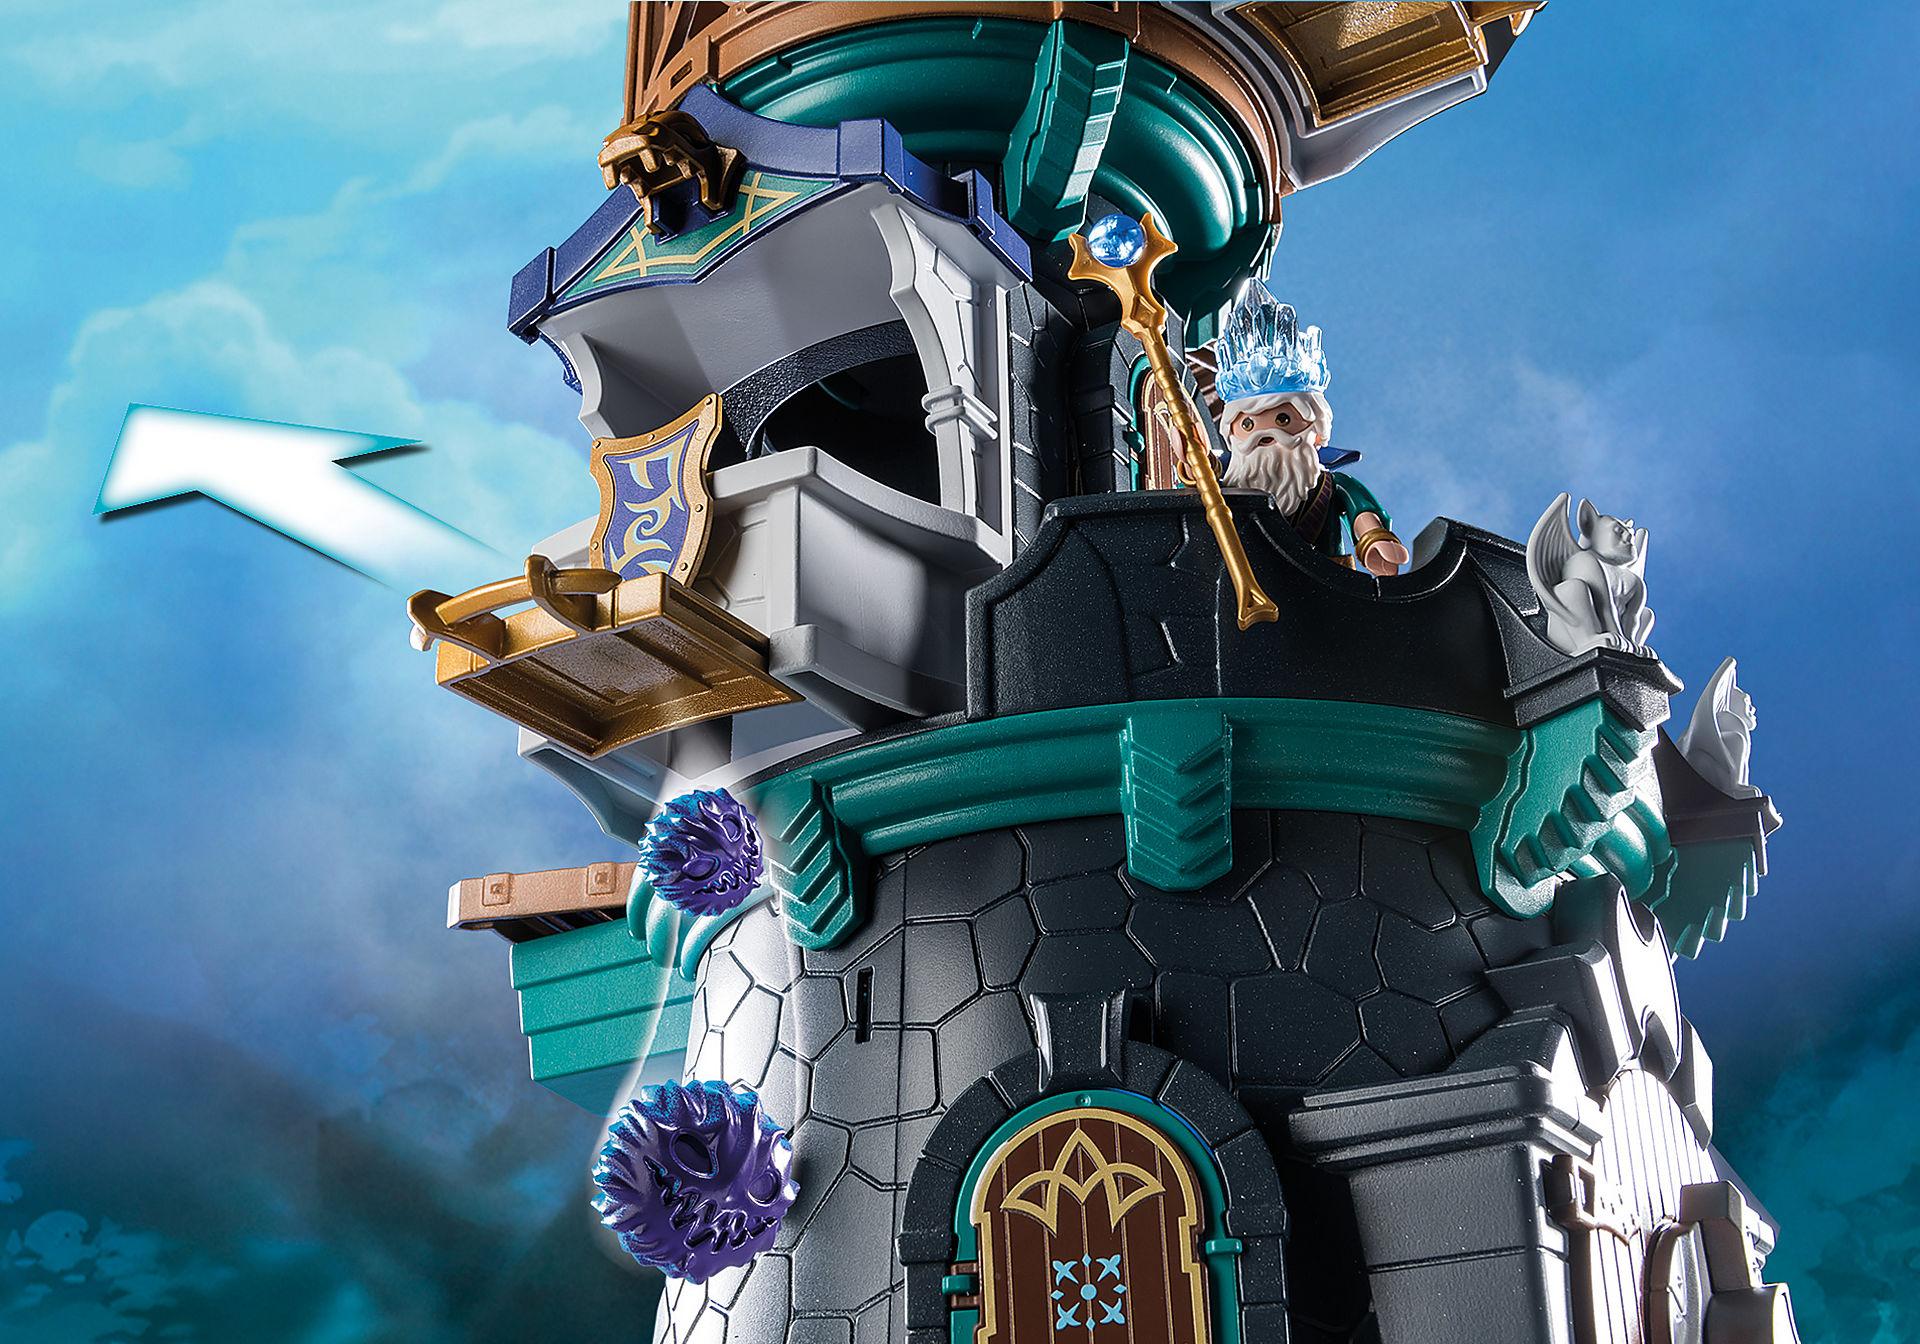 70745 Violet Vale - Wieża czarodzieja zoom image4